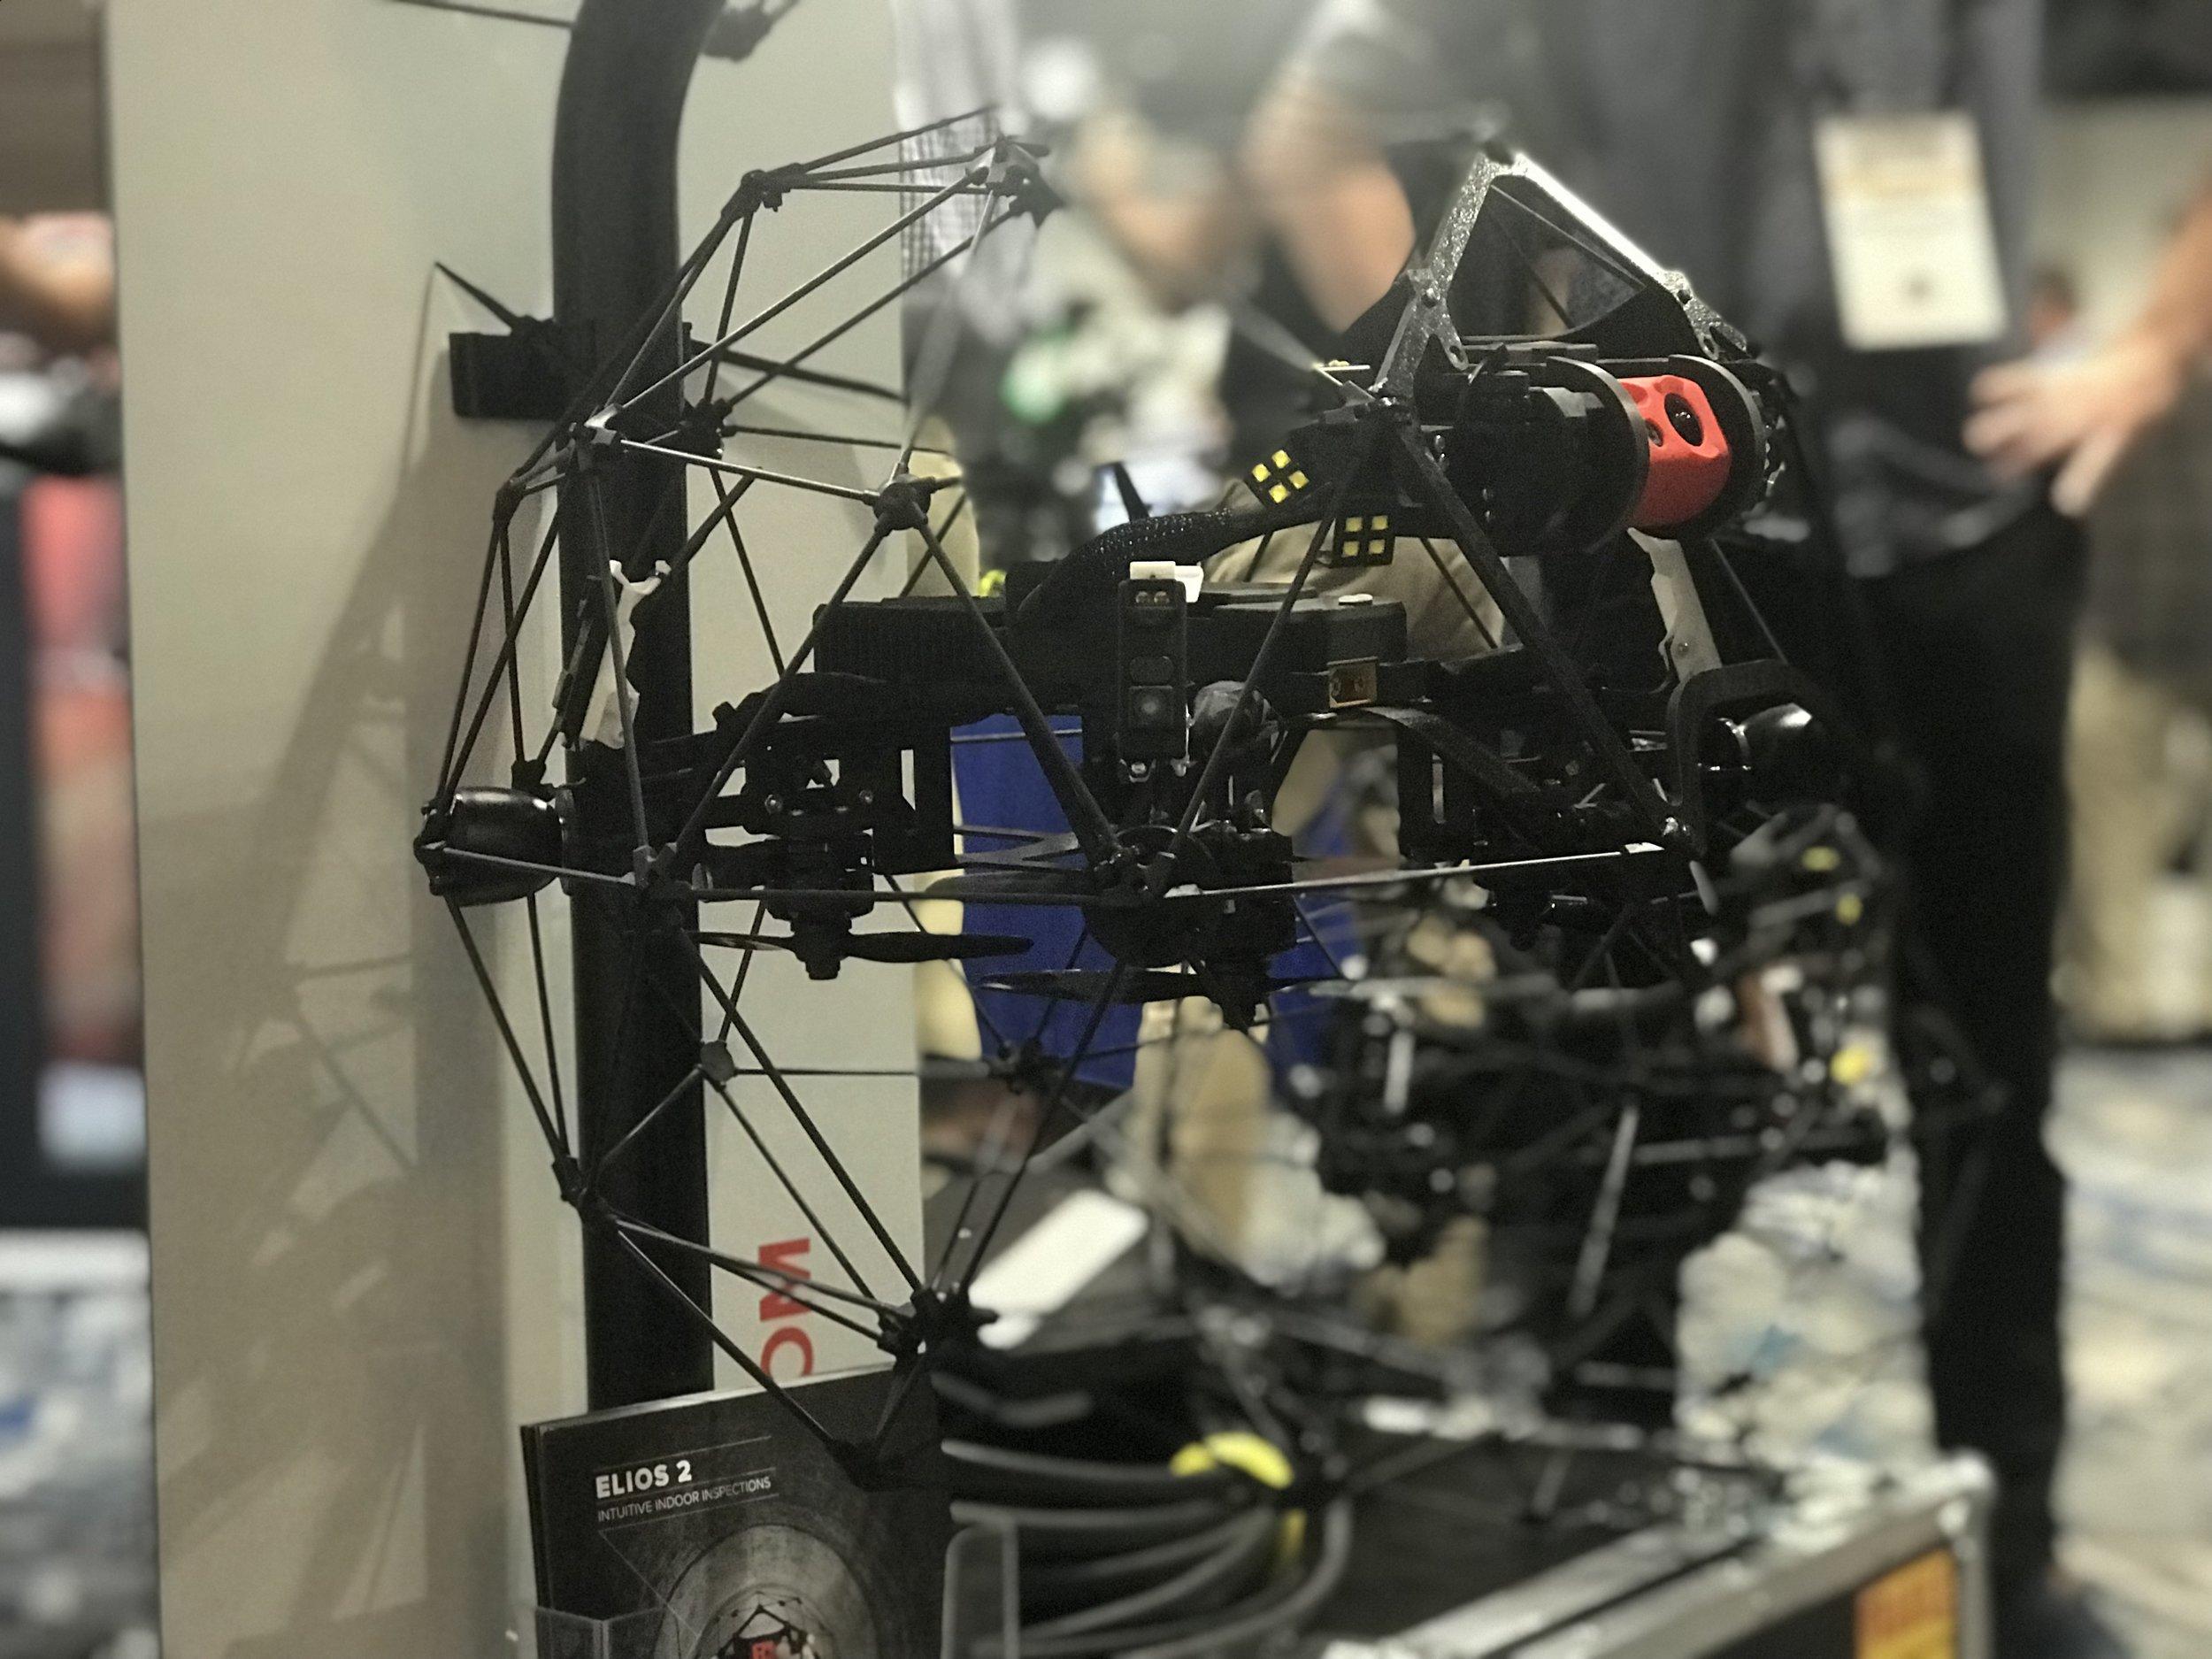 IPOZ_LAB+Elios+Houston Energy Drone and Robotics Summit.JPG